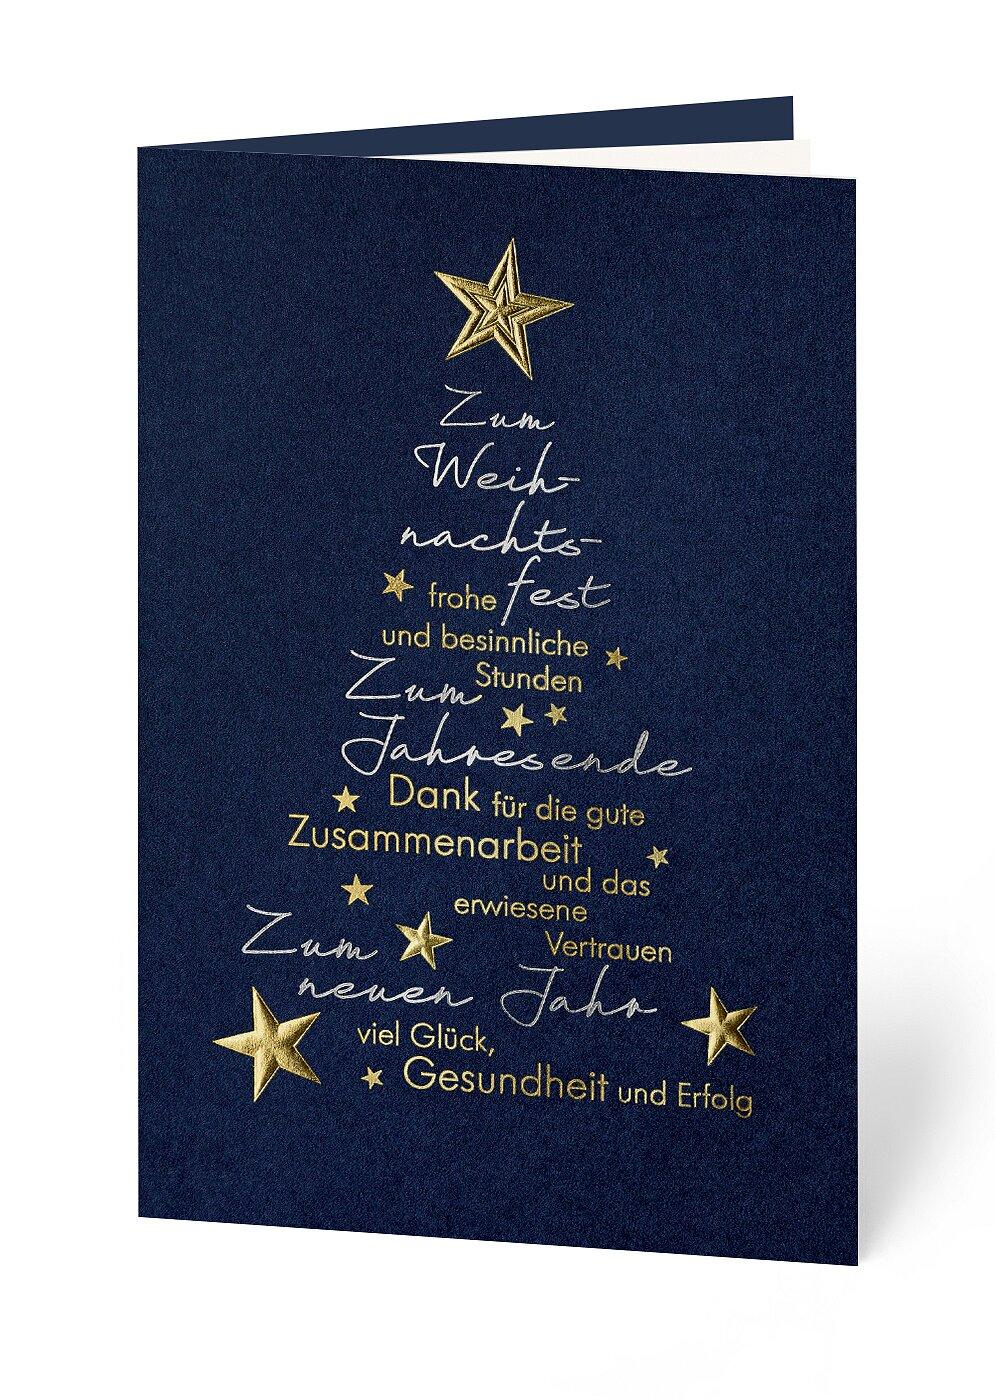 Bilder Weihnachtskarten.Weihnachtskarten Herzstiftung Inkl Kuvert